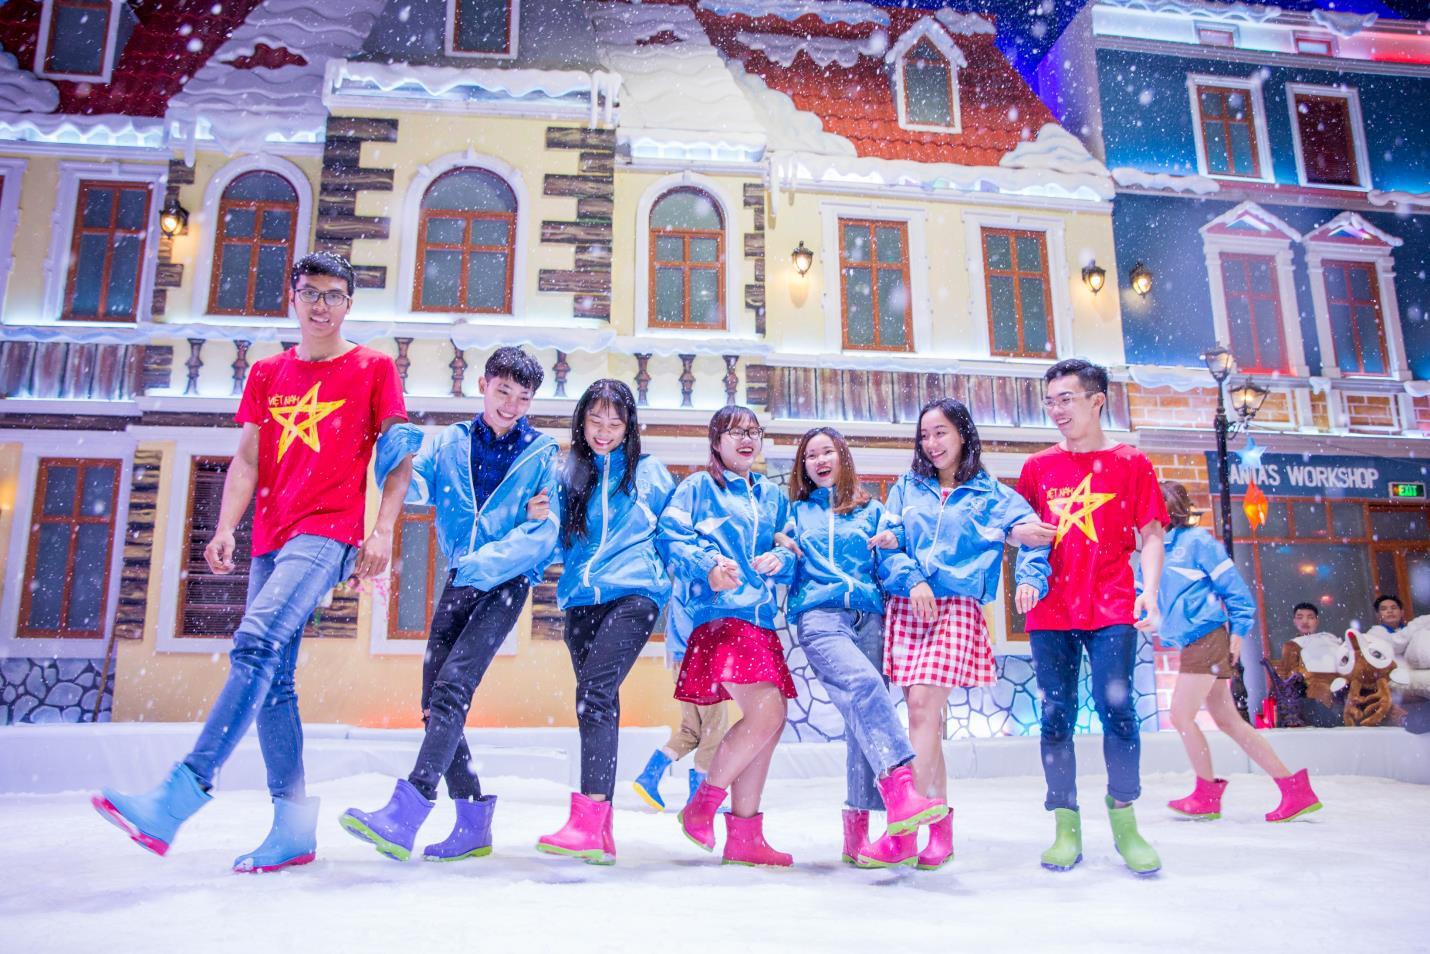 Cơ hội đi Đà Lạt miễn phí khi chụp ảnh tại Snow Town - Ảnh 1.